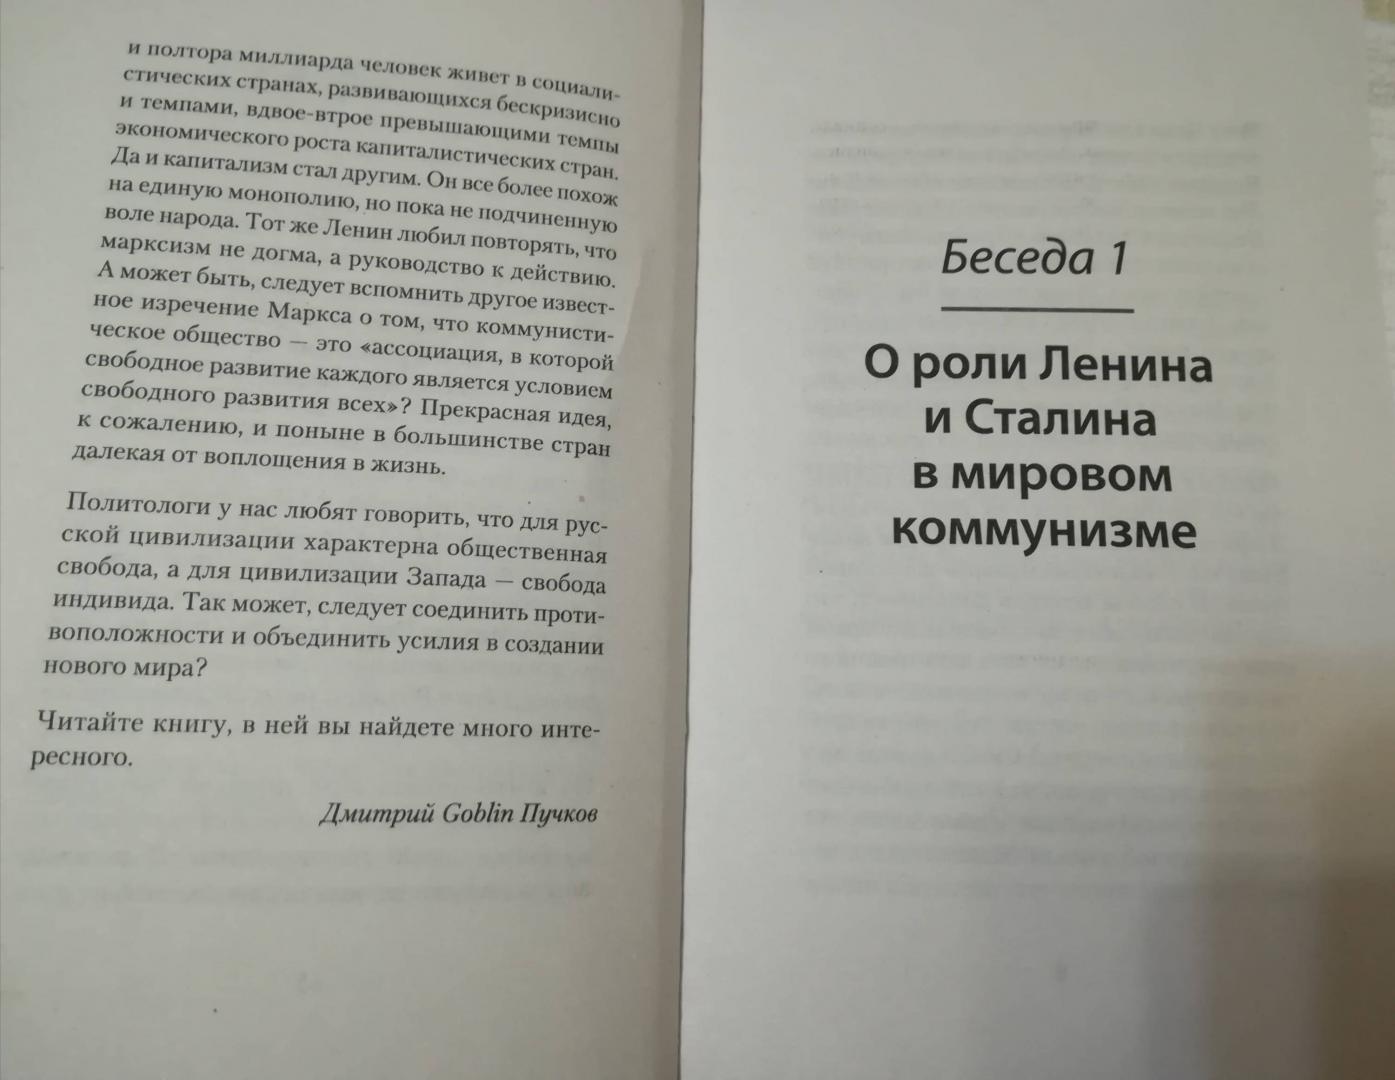 Иллюстрация 4 из 7 для Коммунизм - Пучков, Попов, Яковлев | Лабиринт - книги. Источник: oridginal